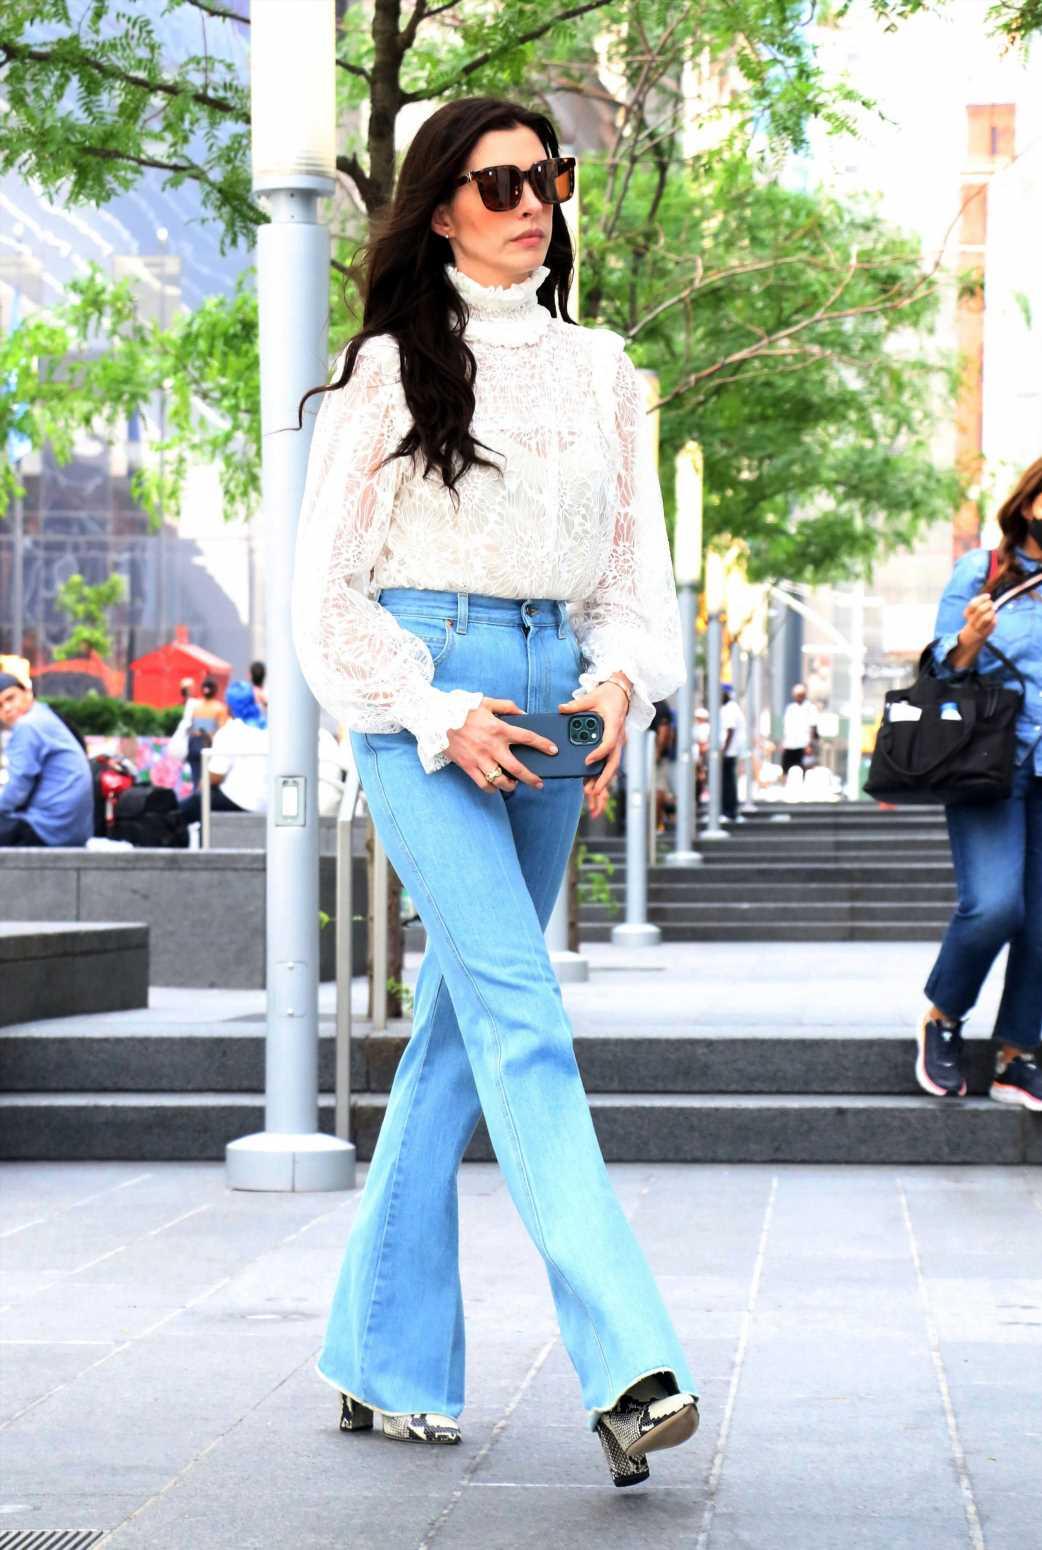 Estos son los jeans que adoran las celebs porque favorecen